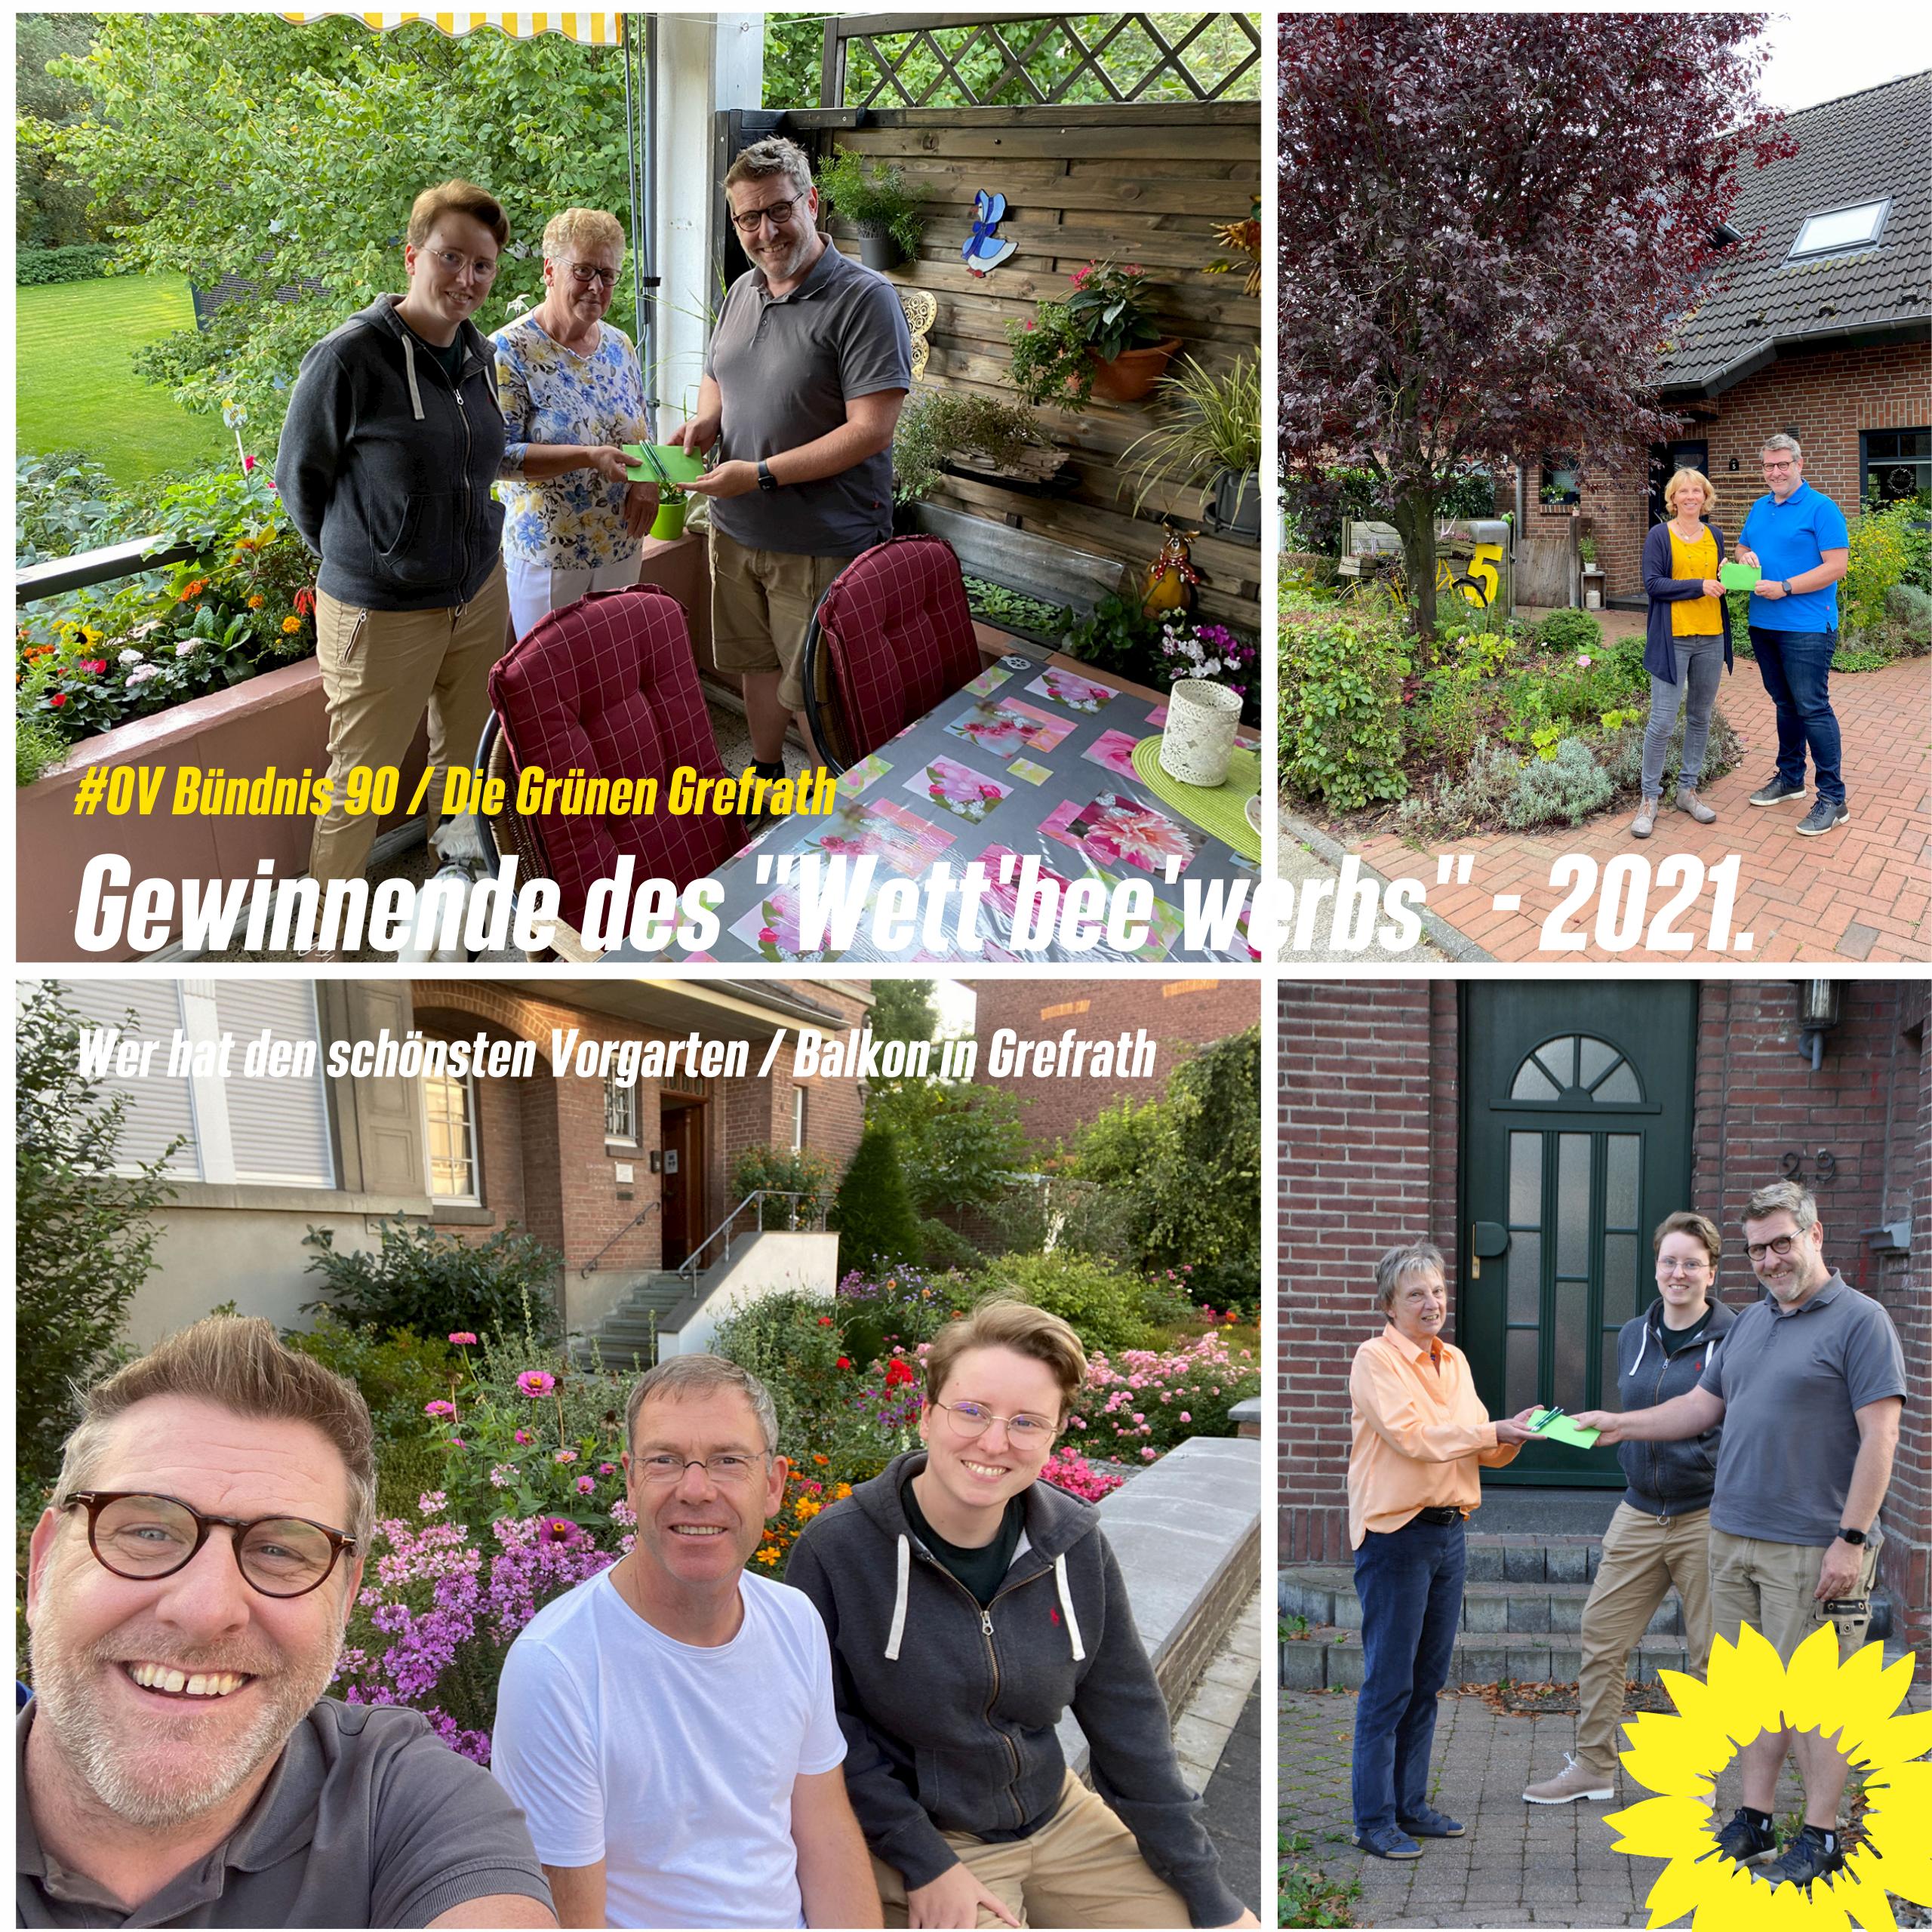 Gewinnende des Wett'bee'werbs schönster Vorgarten / Balkon